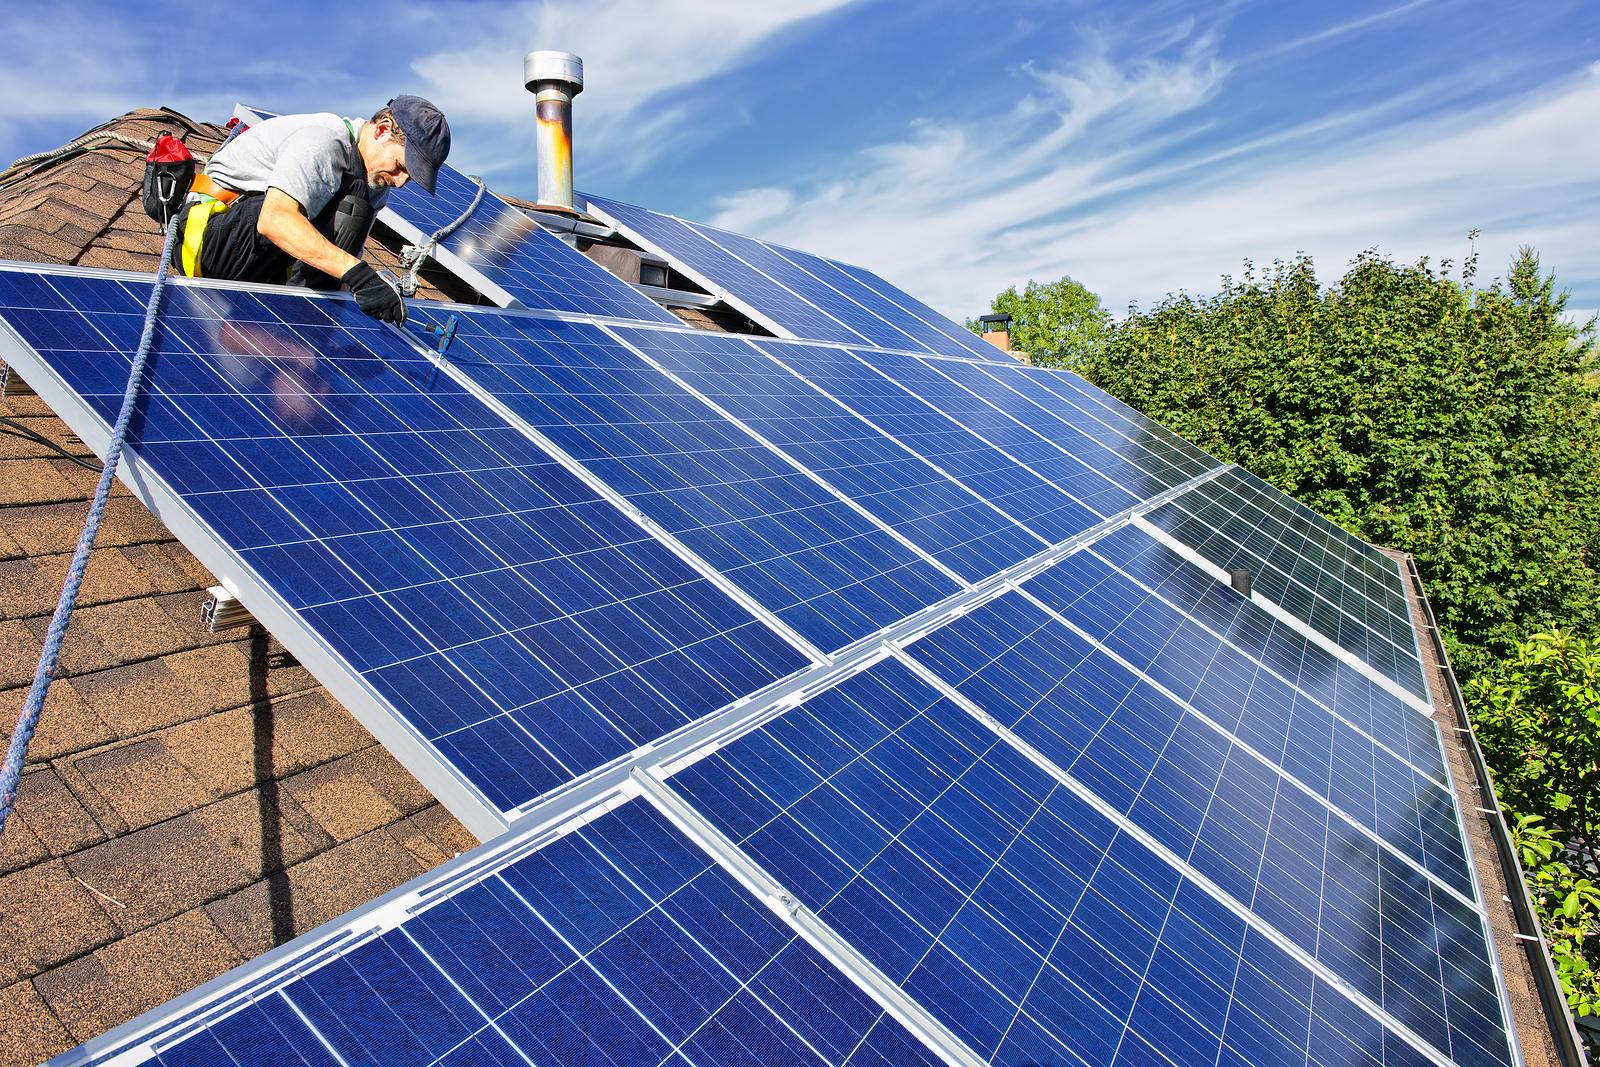 Солнечные батапреи для экономии электроэерегии